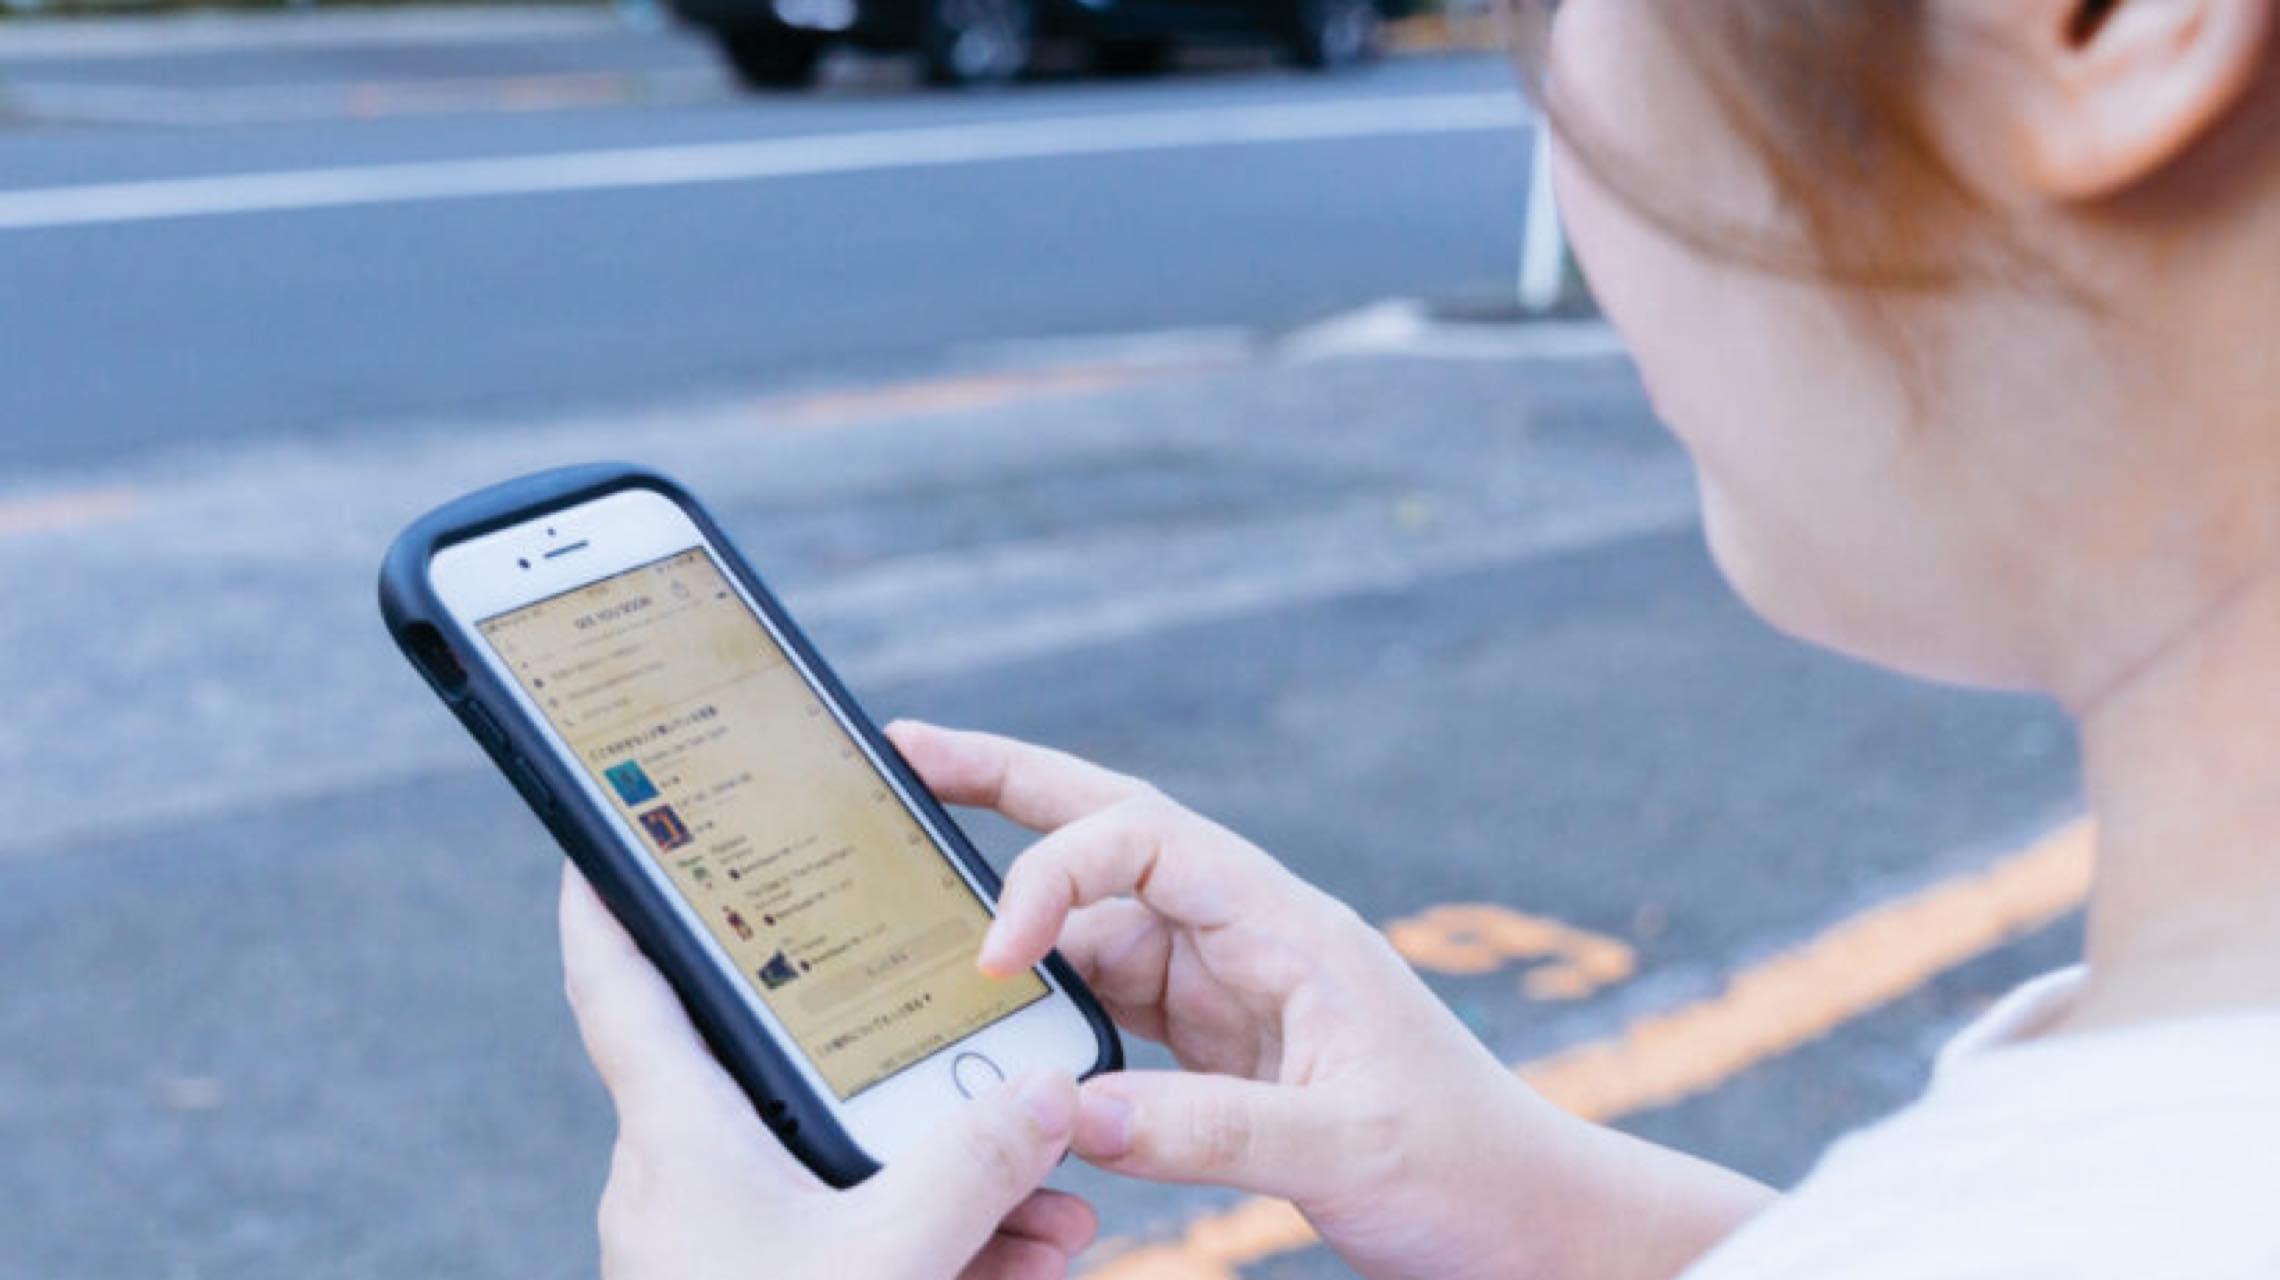 感性で行き先を選ぶ。新感覚の地図アプリ「Placy」で街を歩いてみた